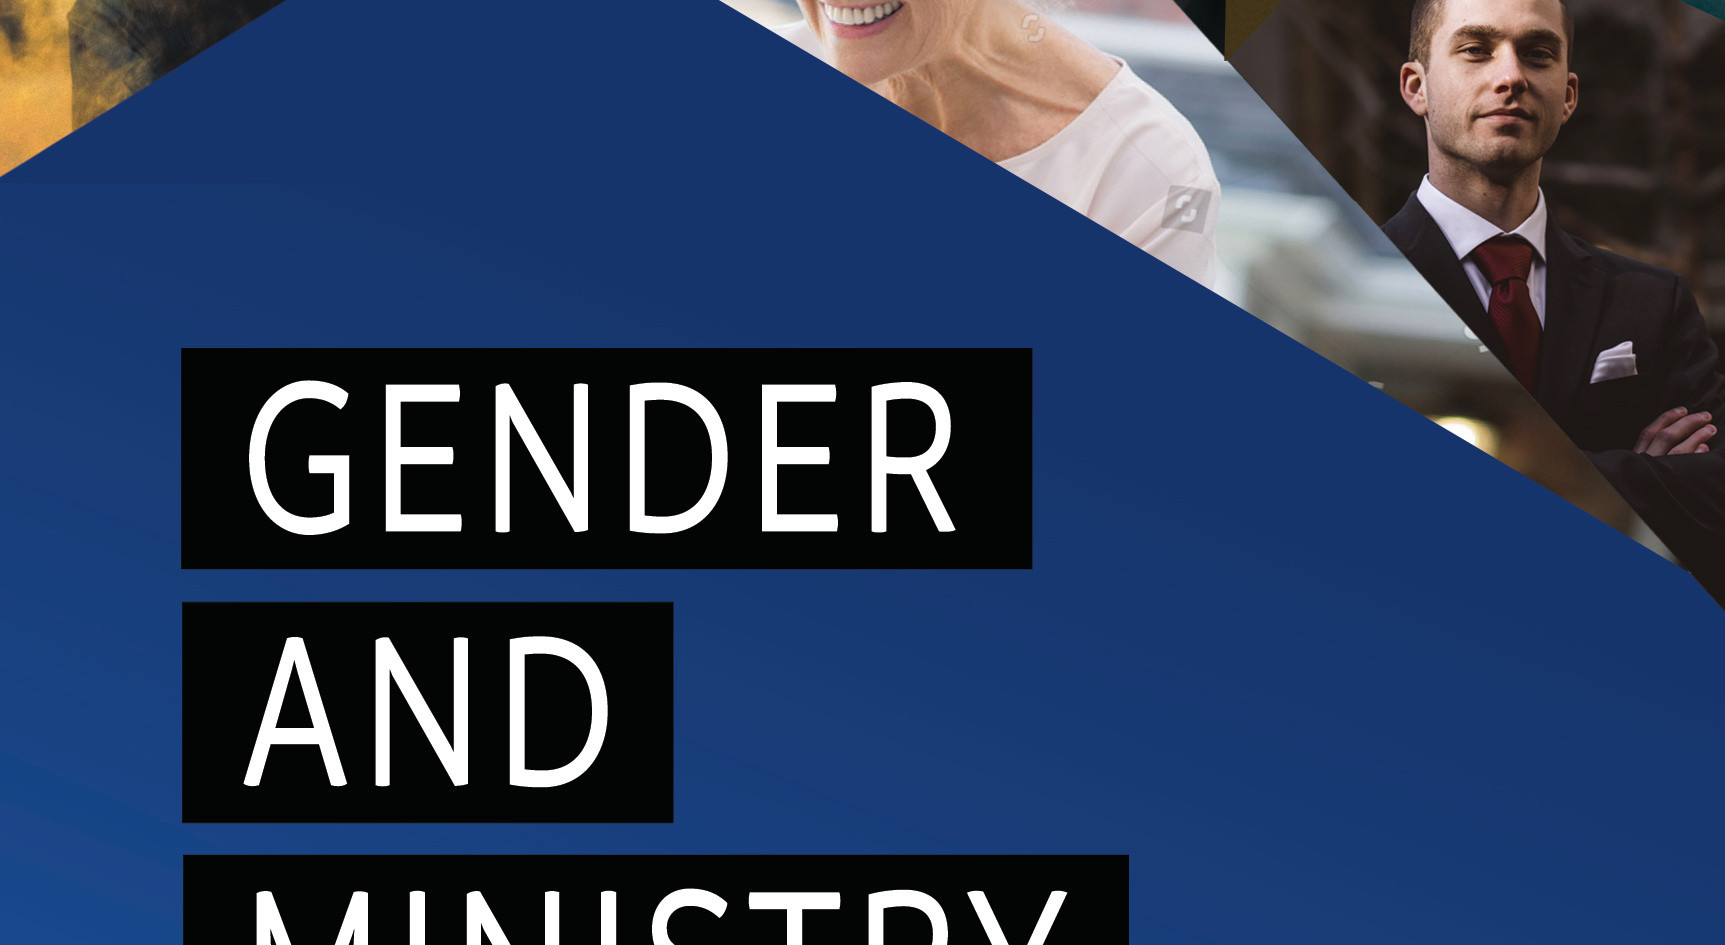 Gender & Ministry